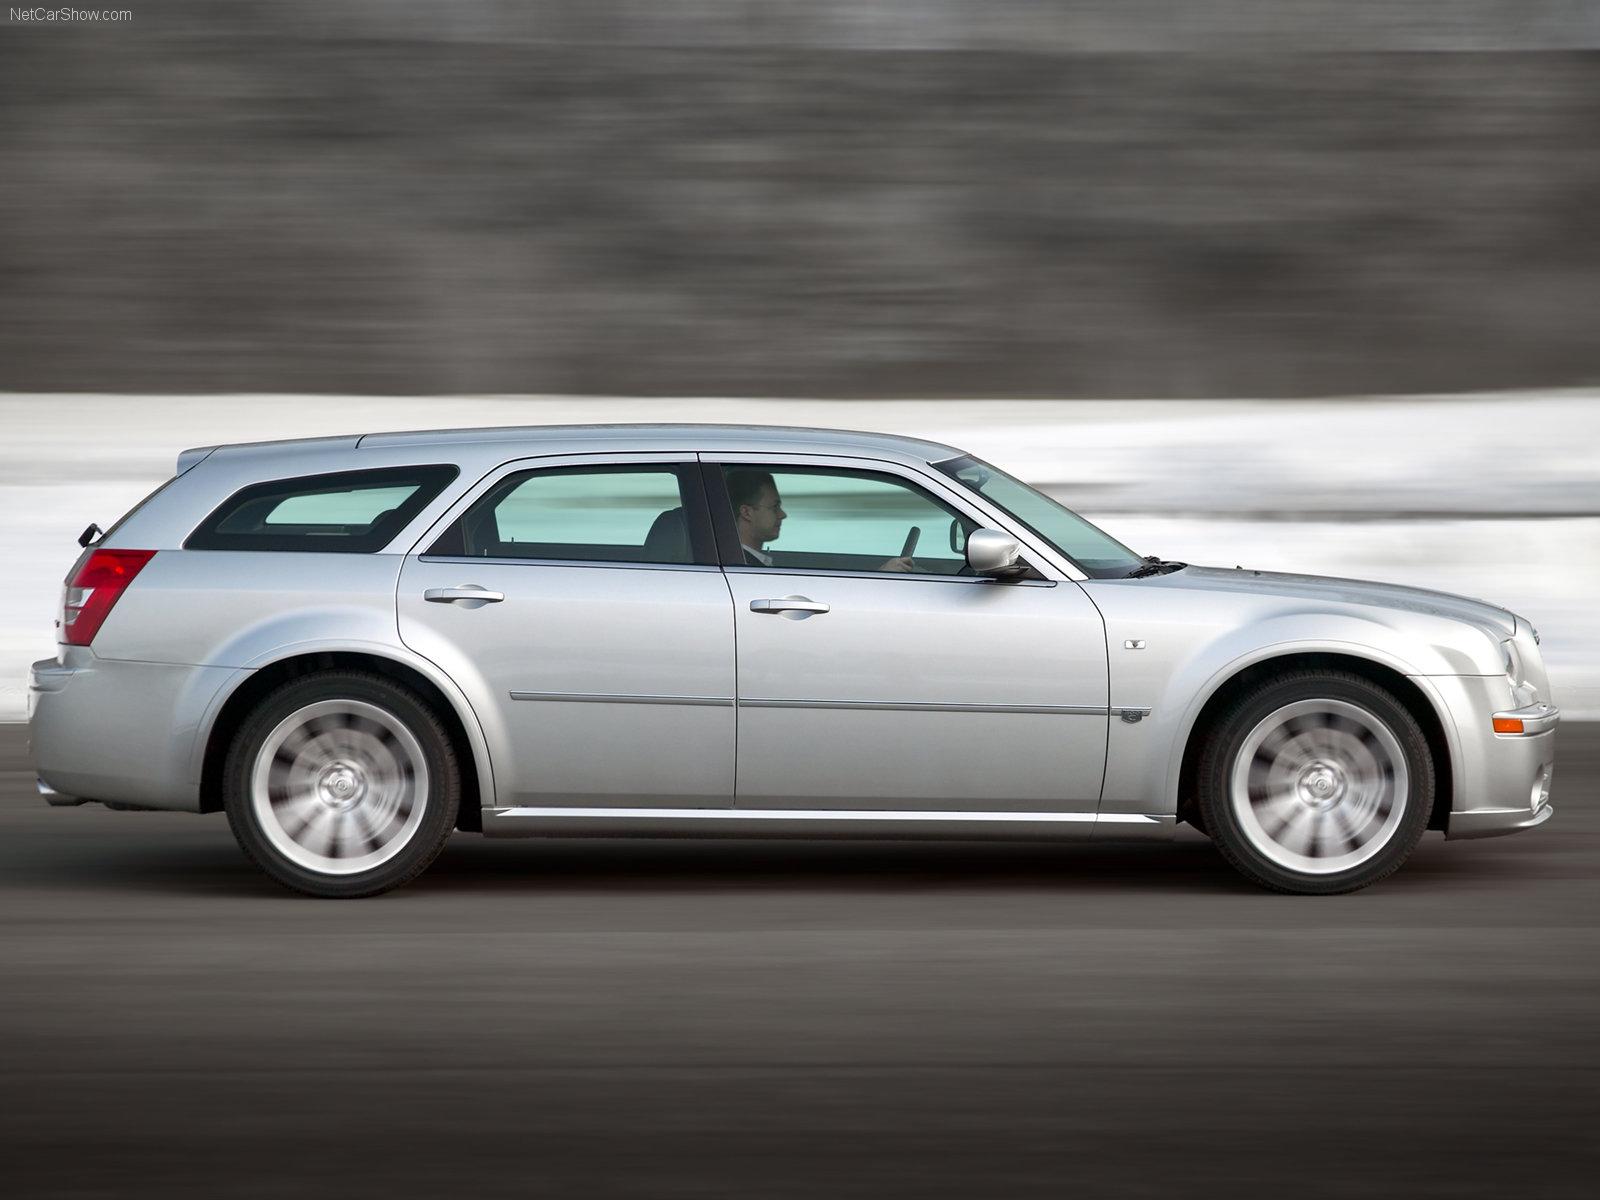 Chrysler 300c Srt 8 Picture 32254 Chrysler Photo